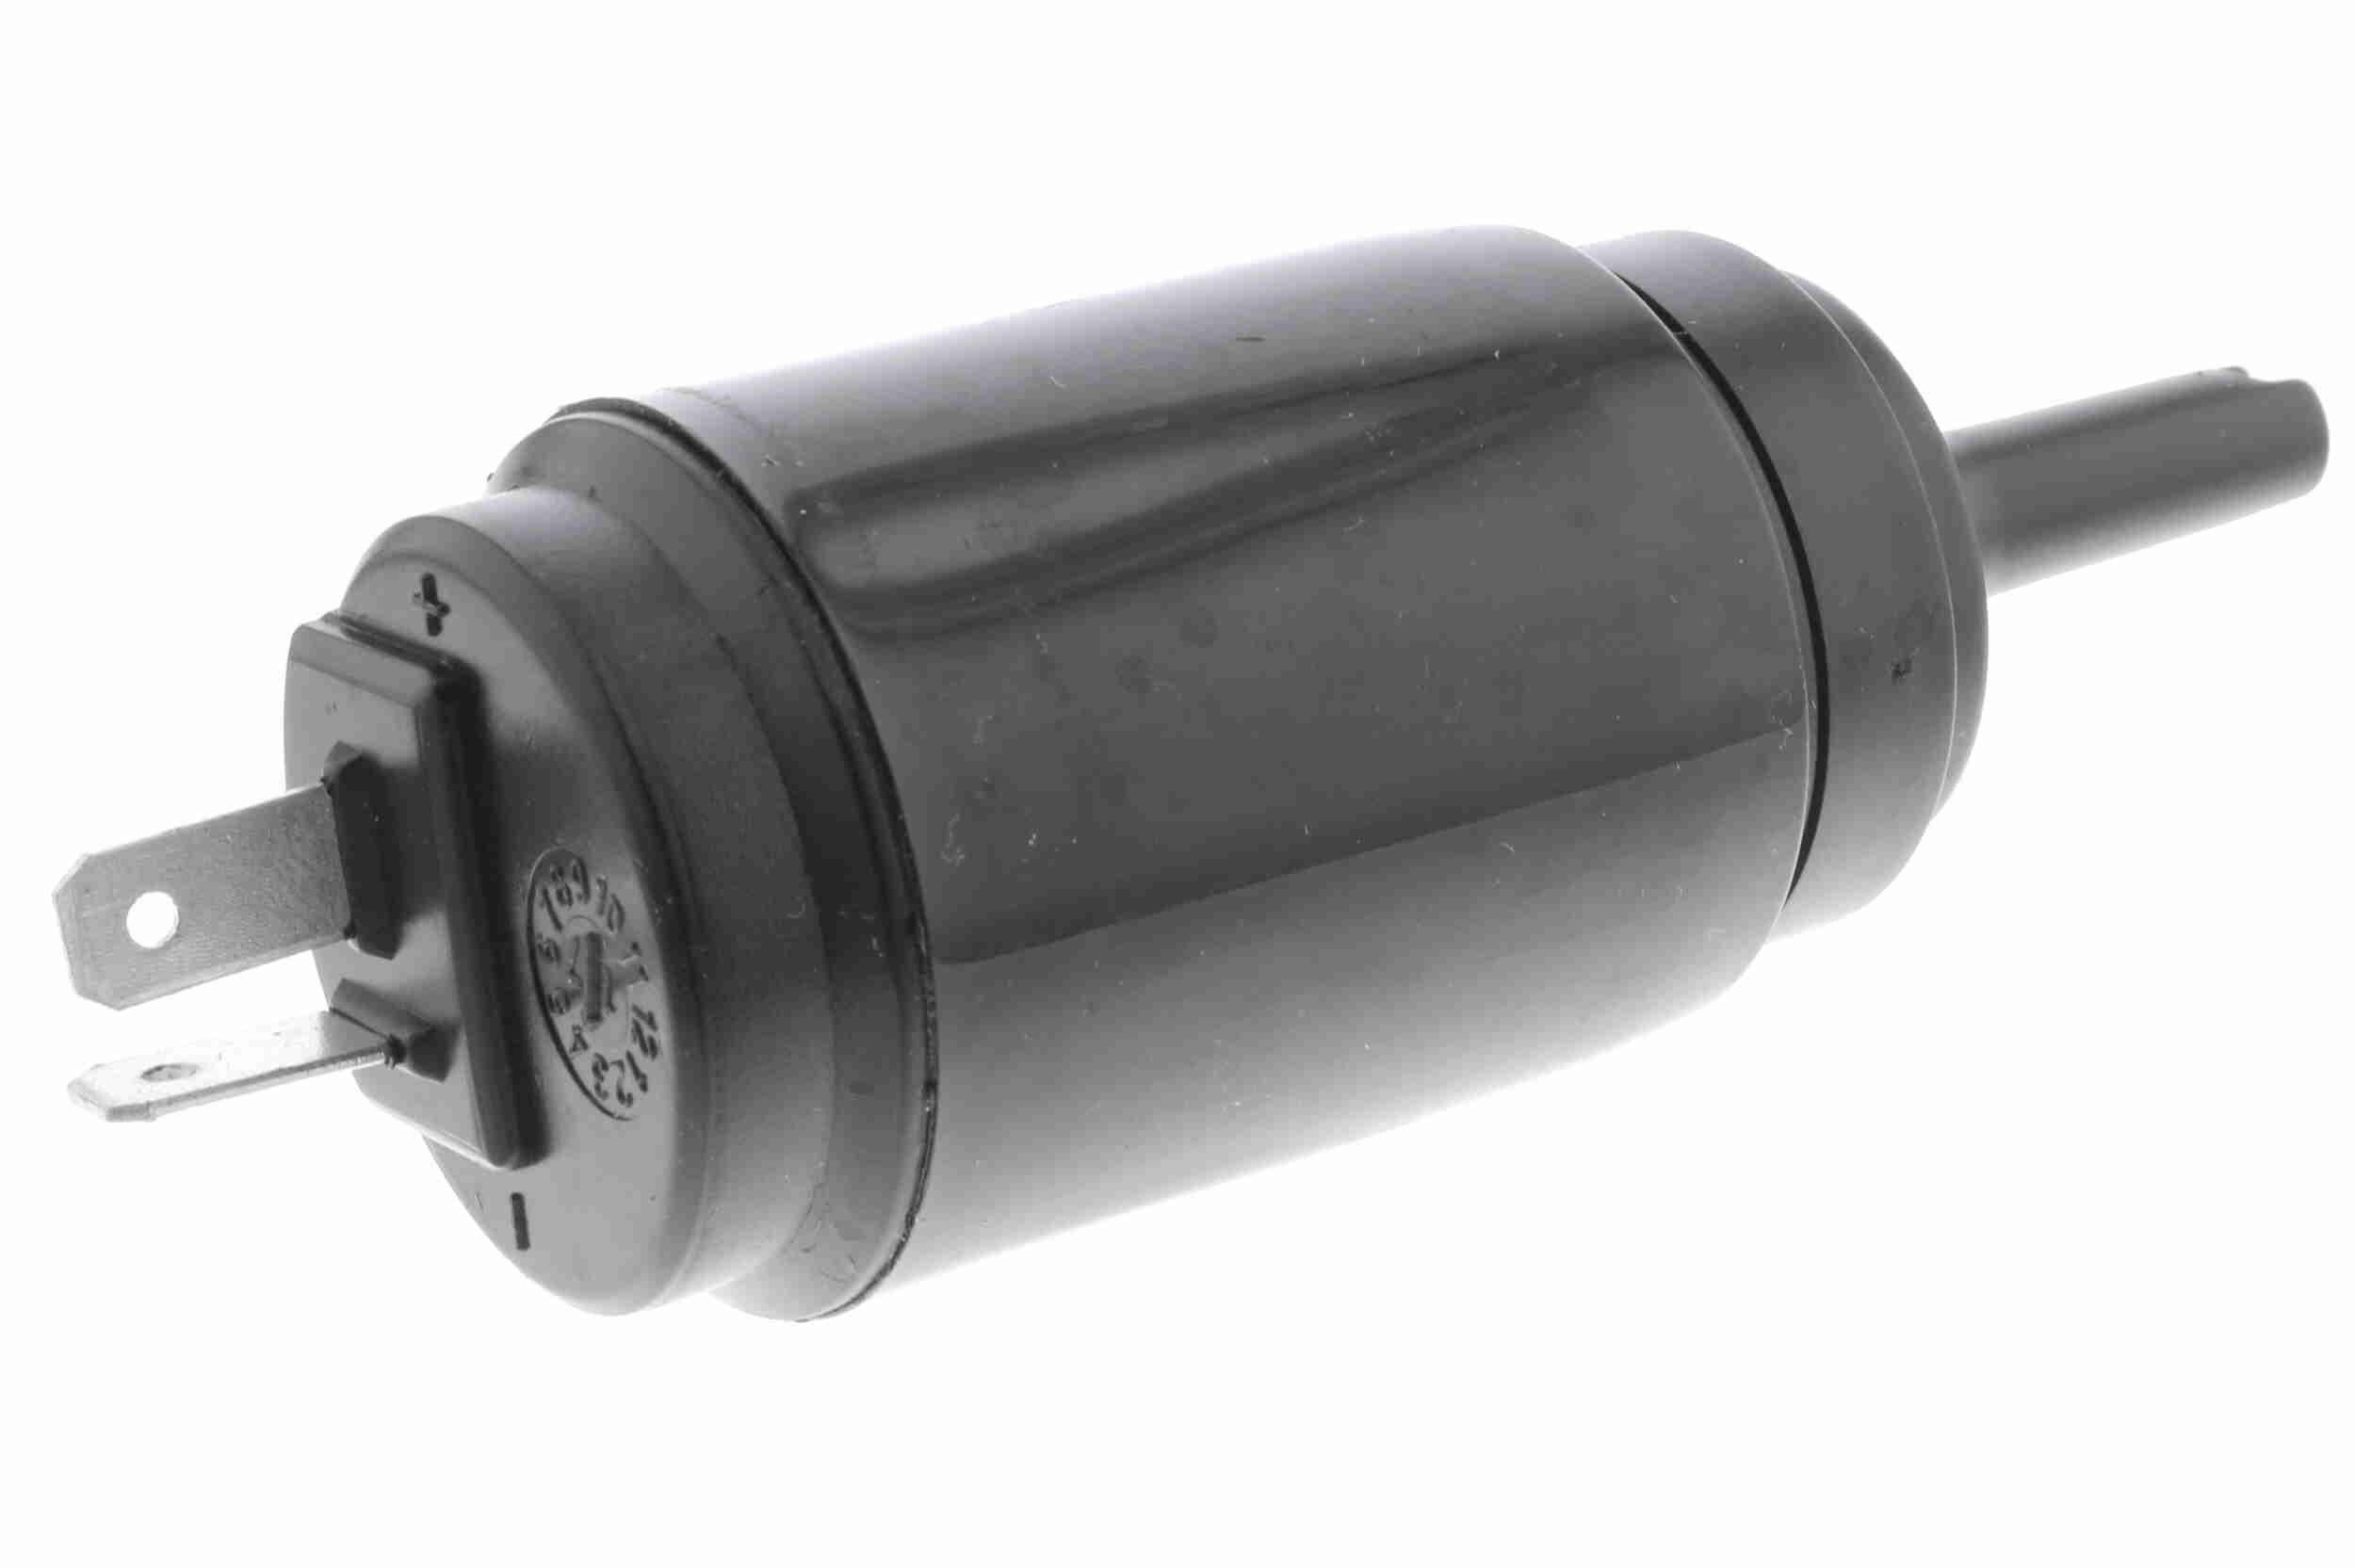 VEMO V10-08-0200 EAN:4046001285462 online store